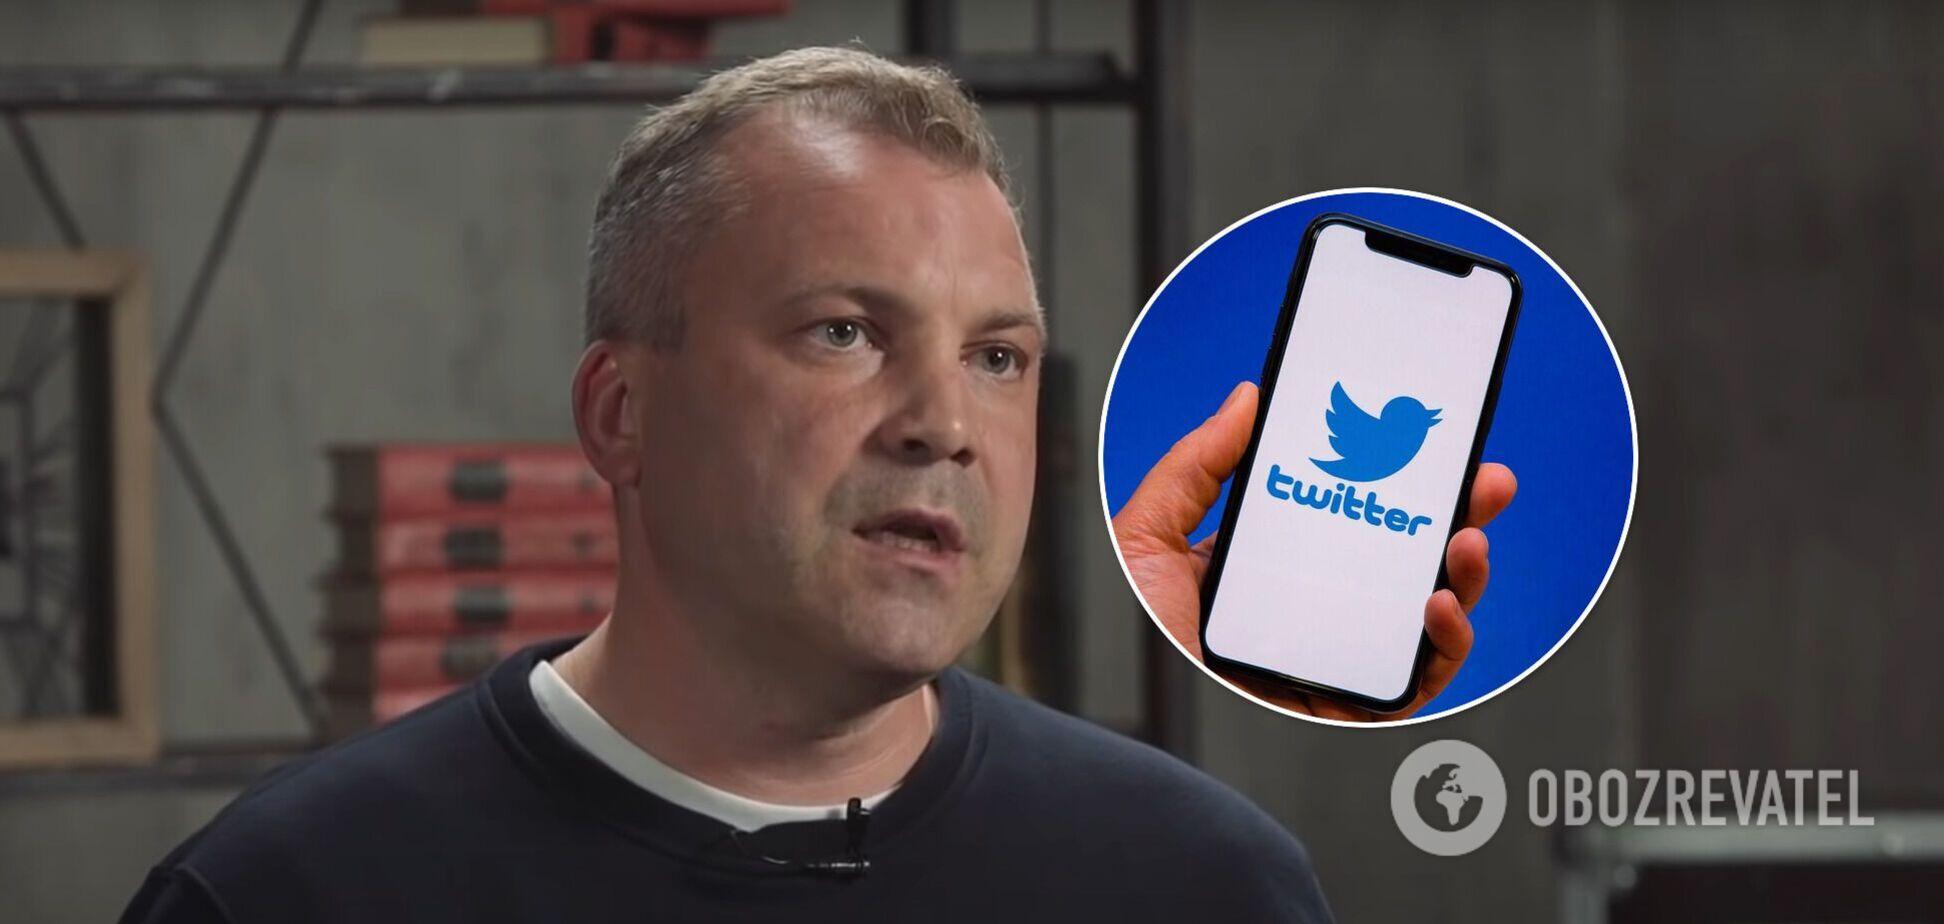 Twitter забанил известного российского пропагандиста, который баллотируется в Госдуму РФ